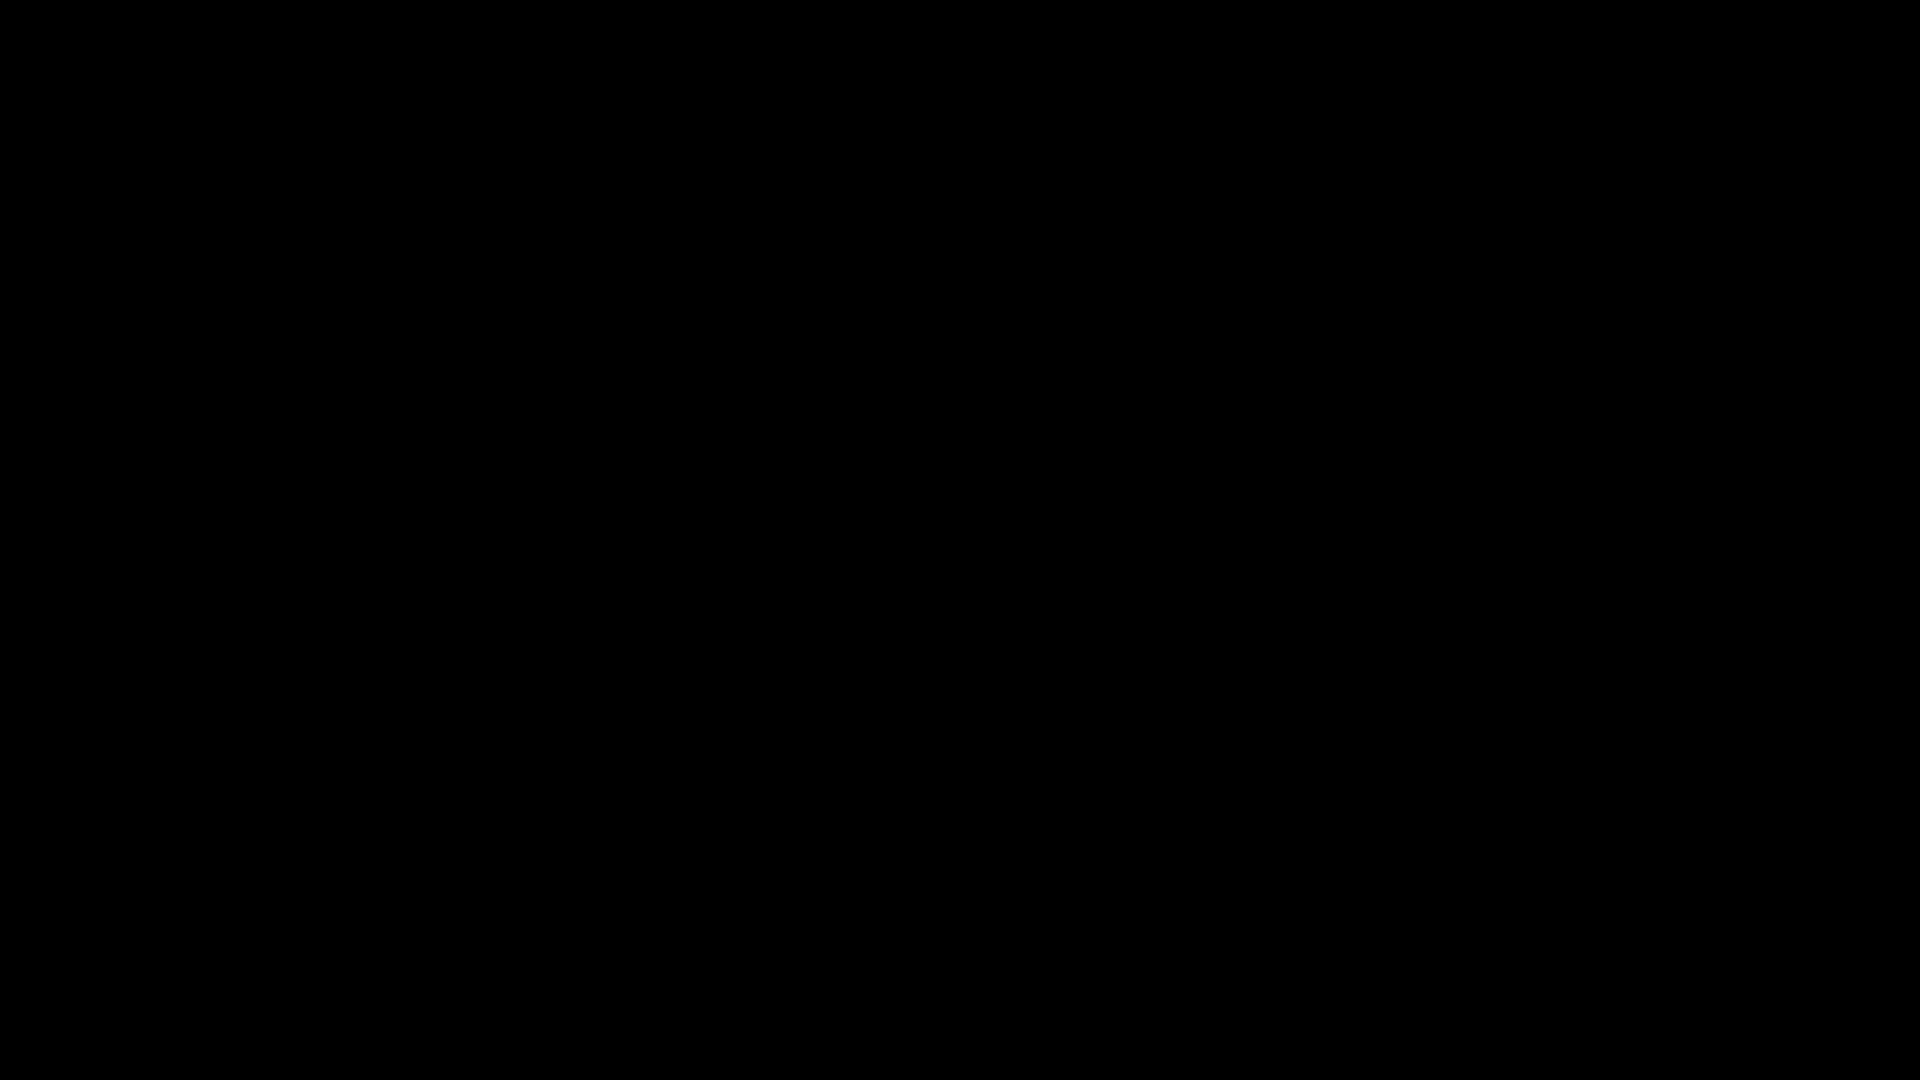 دوستان شاد درختی قسمت 84-فصل 4 قسمت 4- سال 2013 تا آخر- لینک تمام قسمت ها در توضیح زیر این ویدیو است